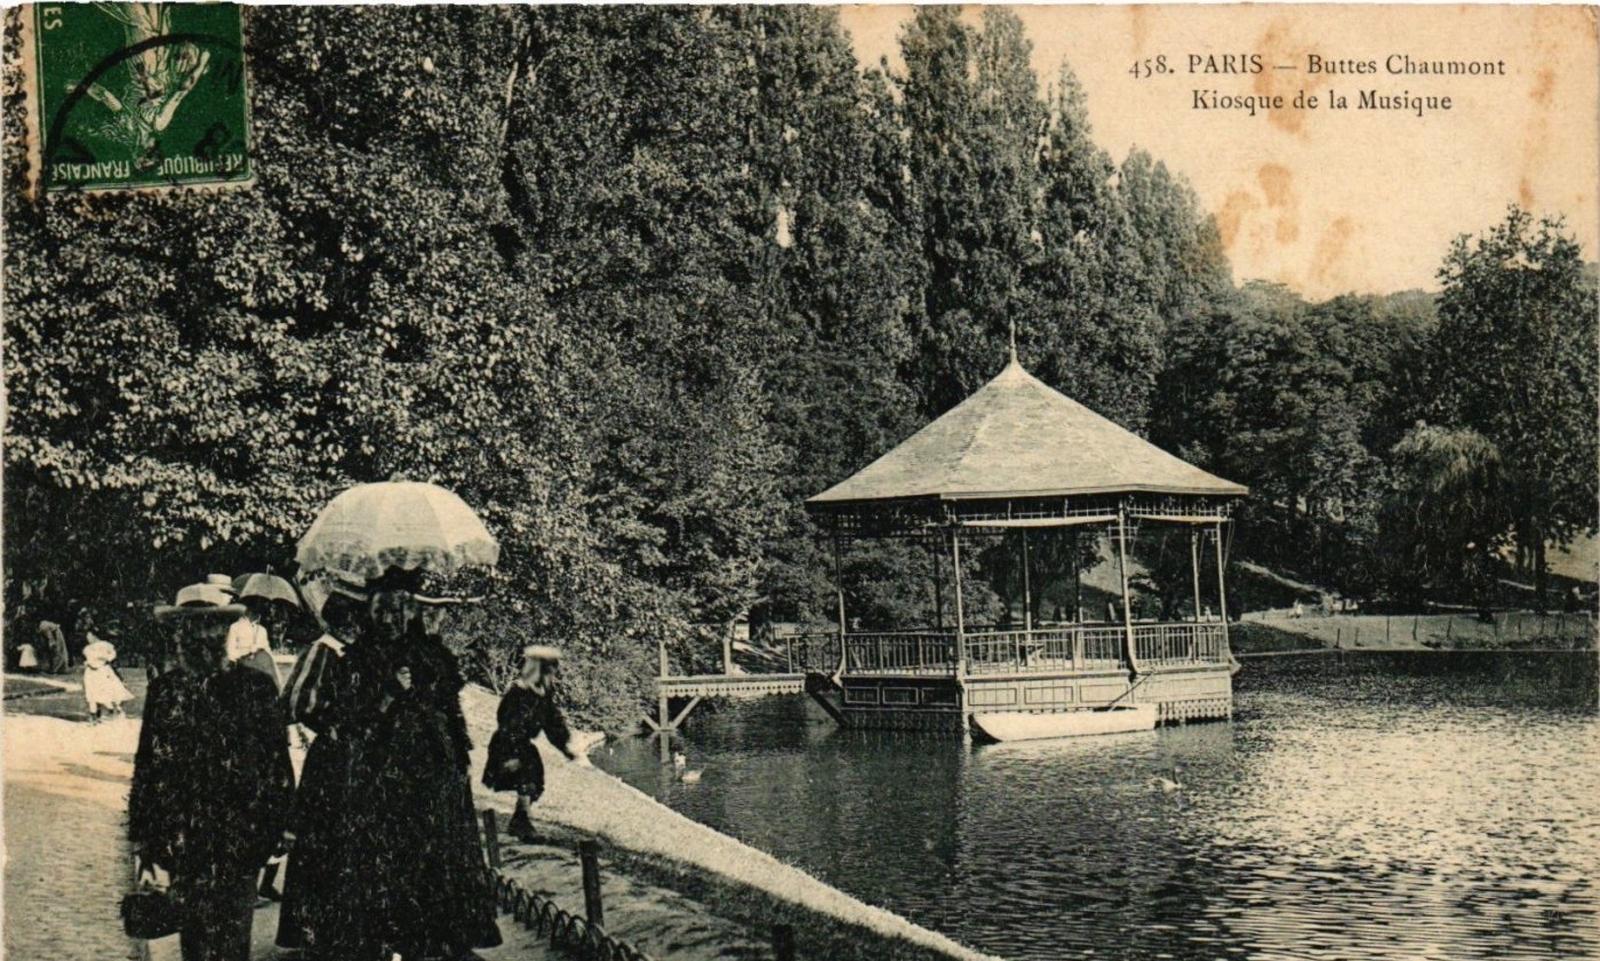 Paris - PARIS 19e Buttes Chaumont. Kiosque de la Musique P. Marmuse (479819)